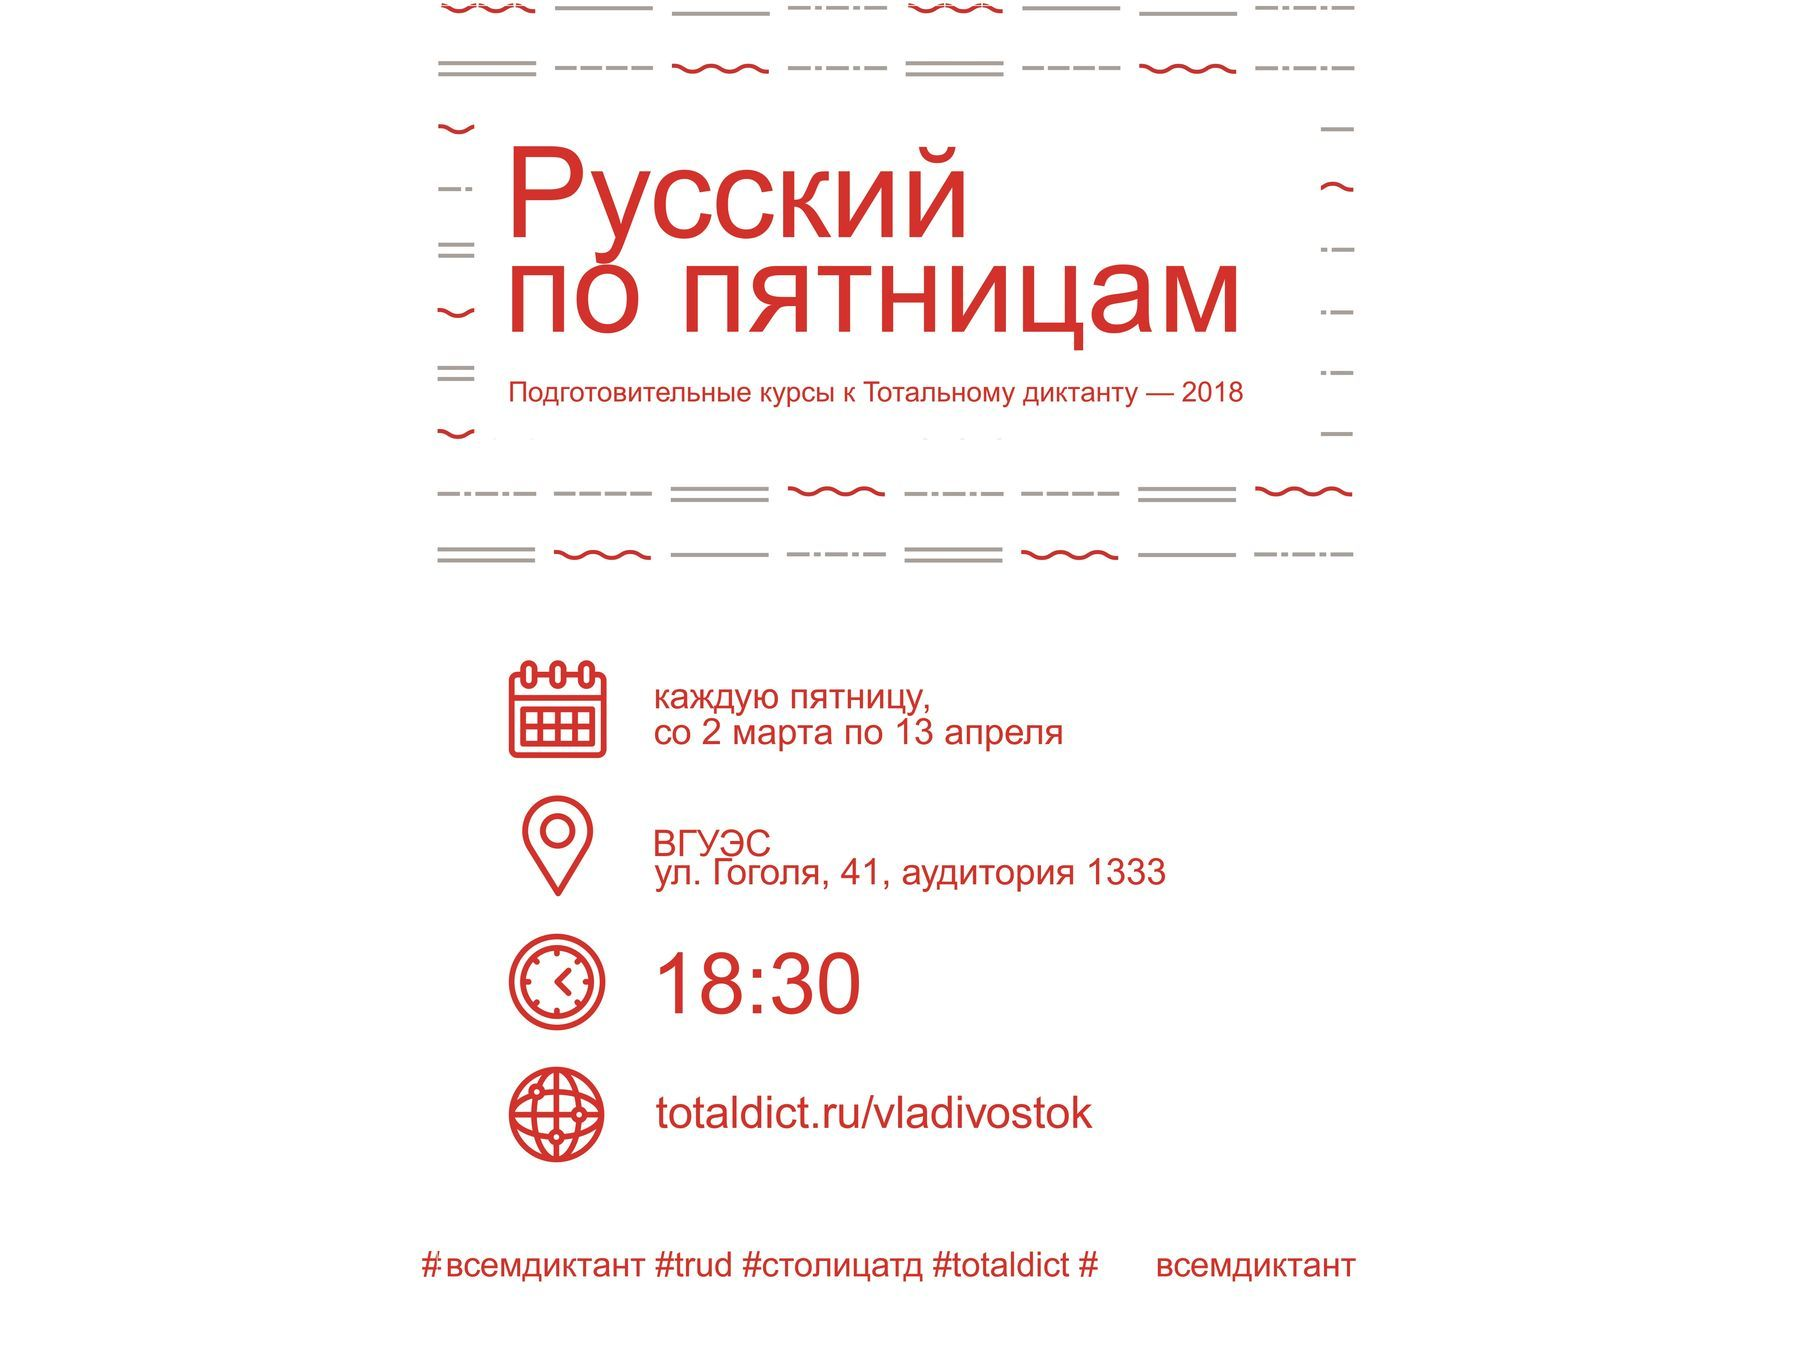 Подготовка к Тотальному диктанту – «Русский по пятницам»